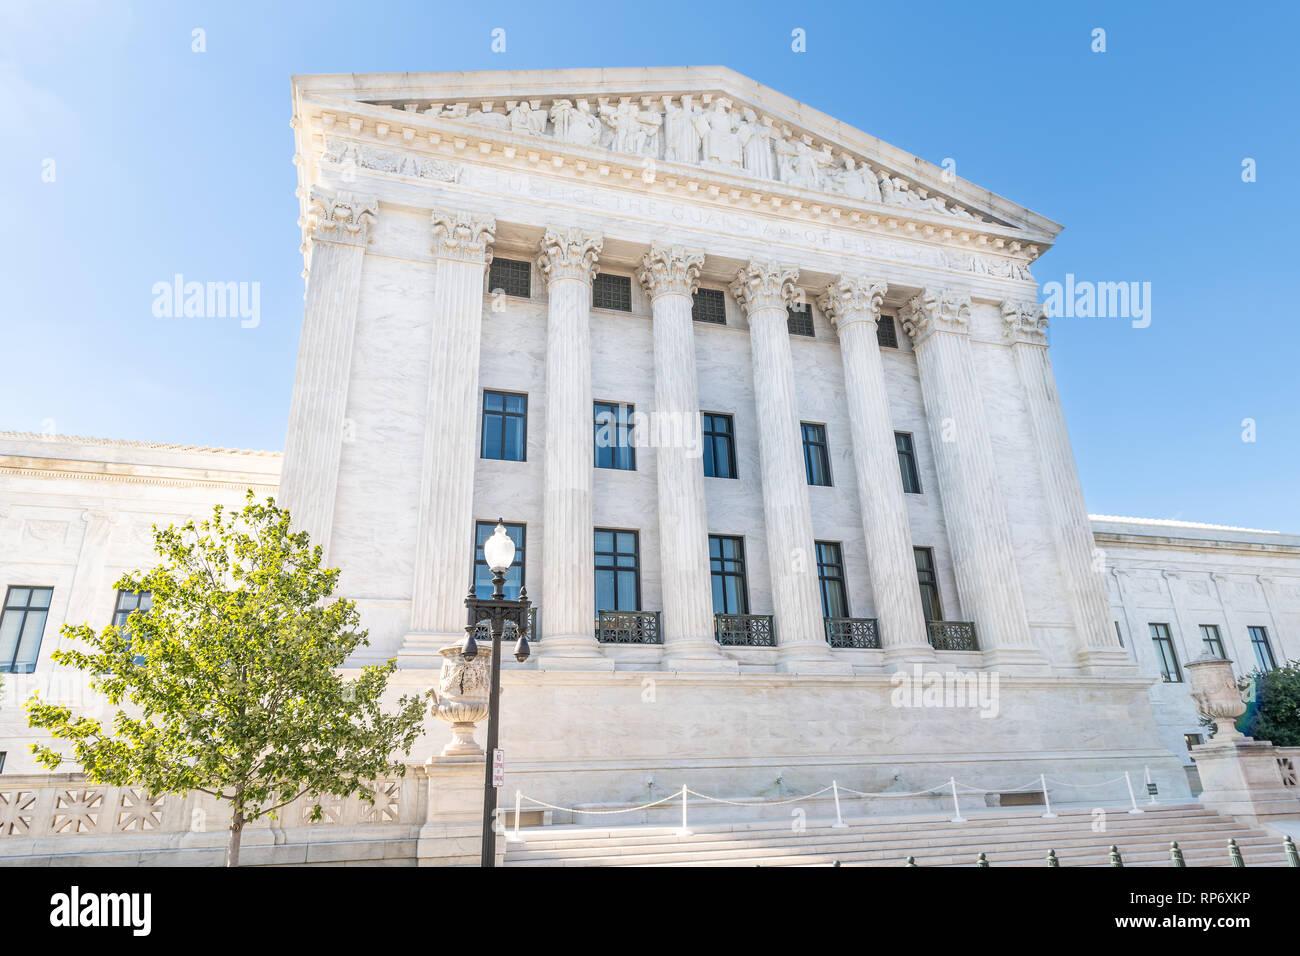 Washington DC, USA die Außenfassade der Oberste Gerichtshof Gebäude Architektur auf dem Capitol Hill mit Säulen Säulen und Treppen Treppen Stockbild